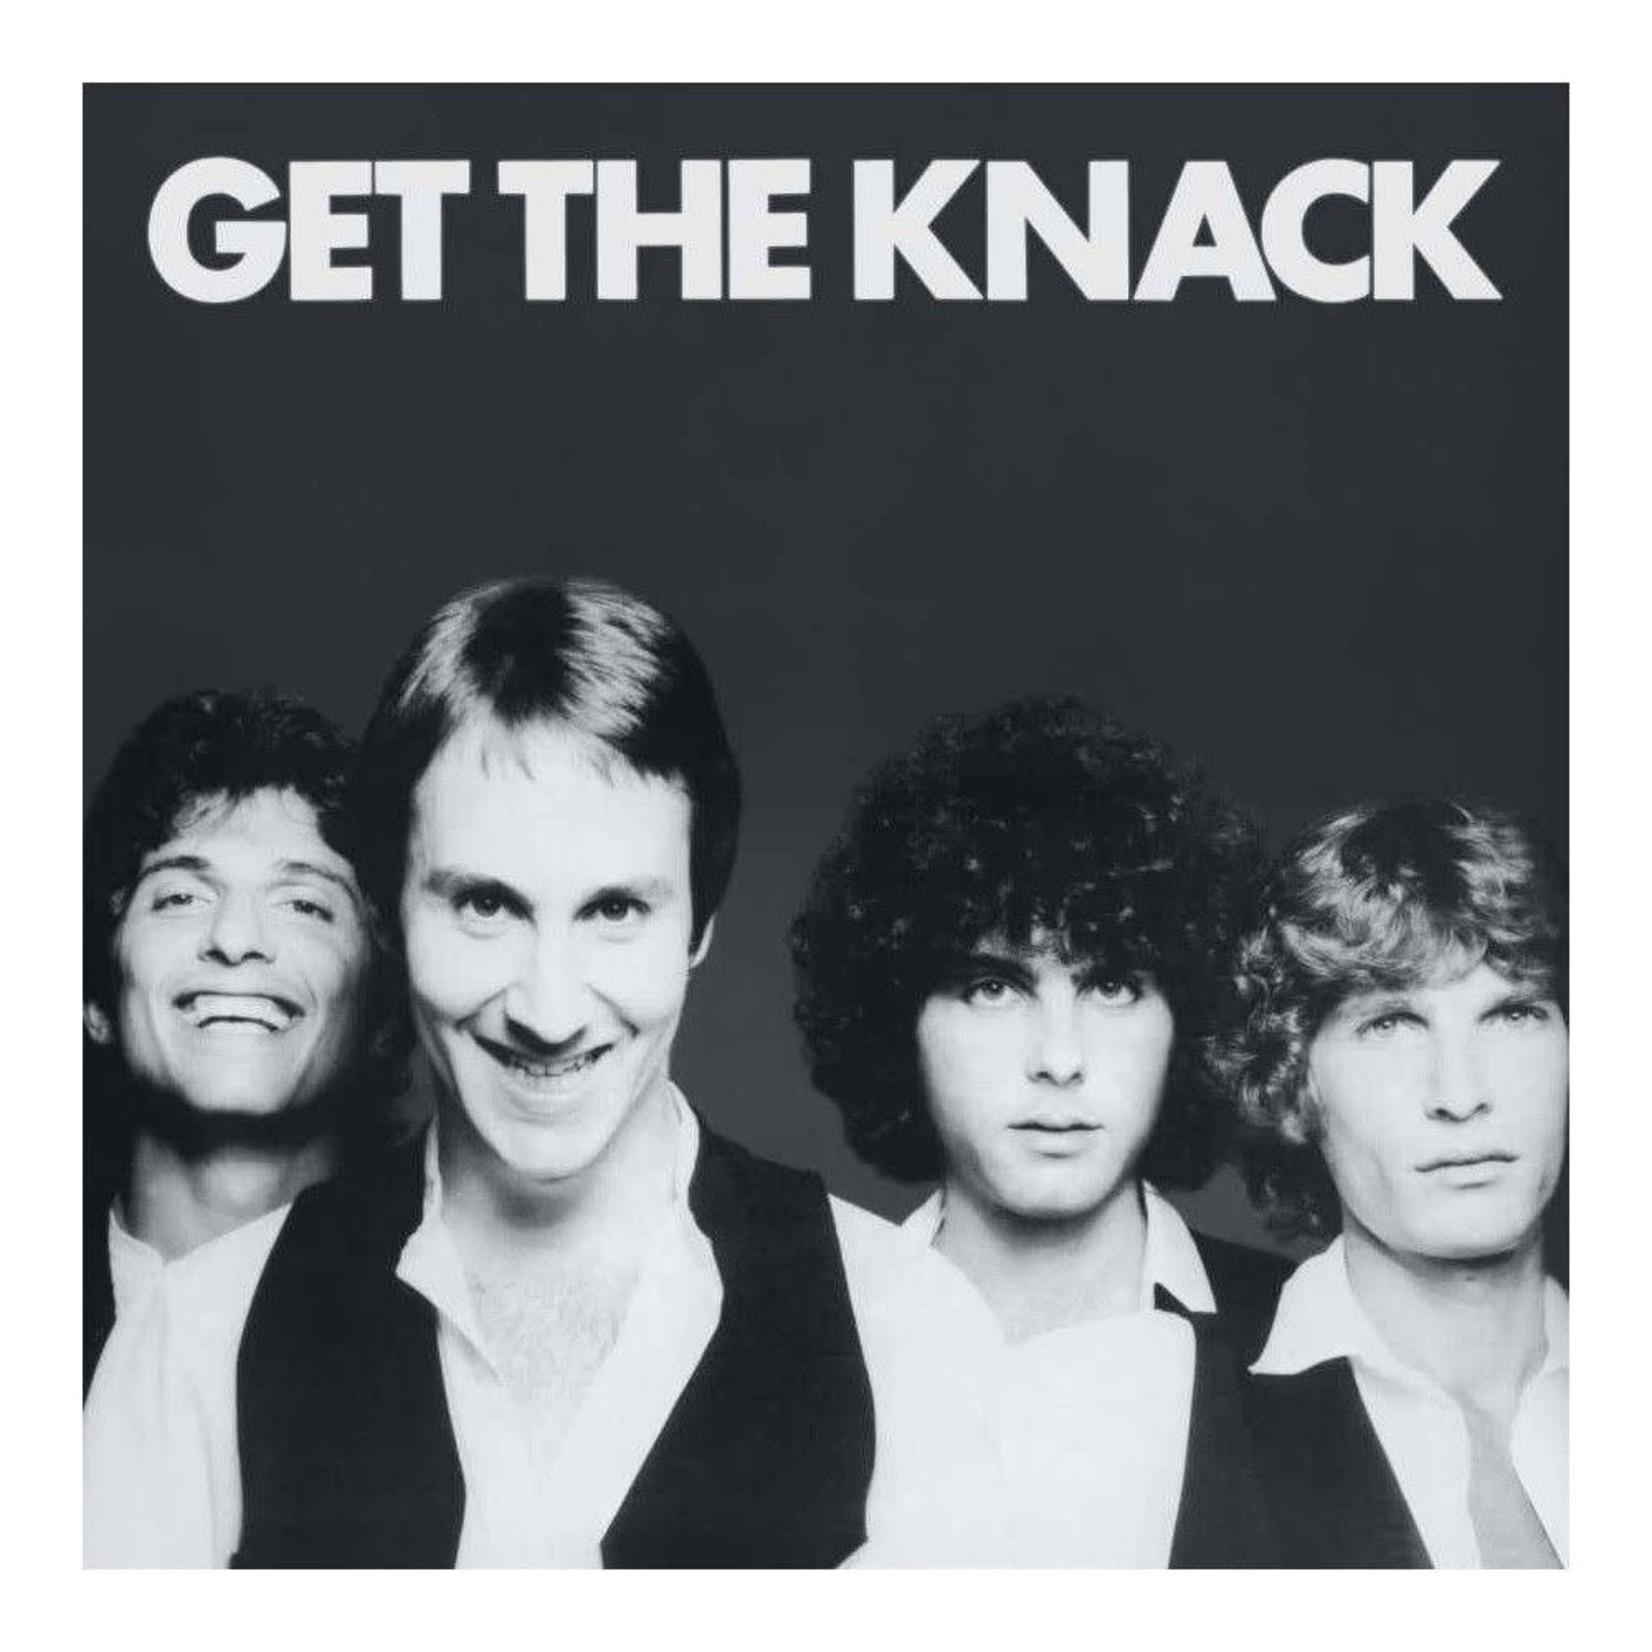 [Vintage] Knack: Get the Knack